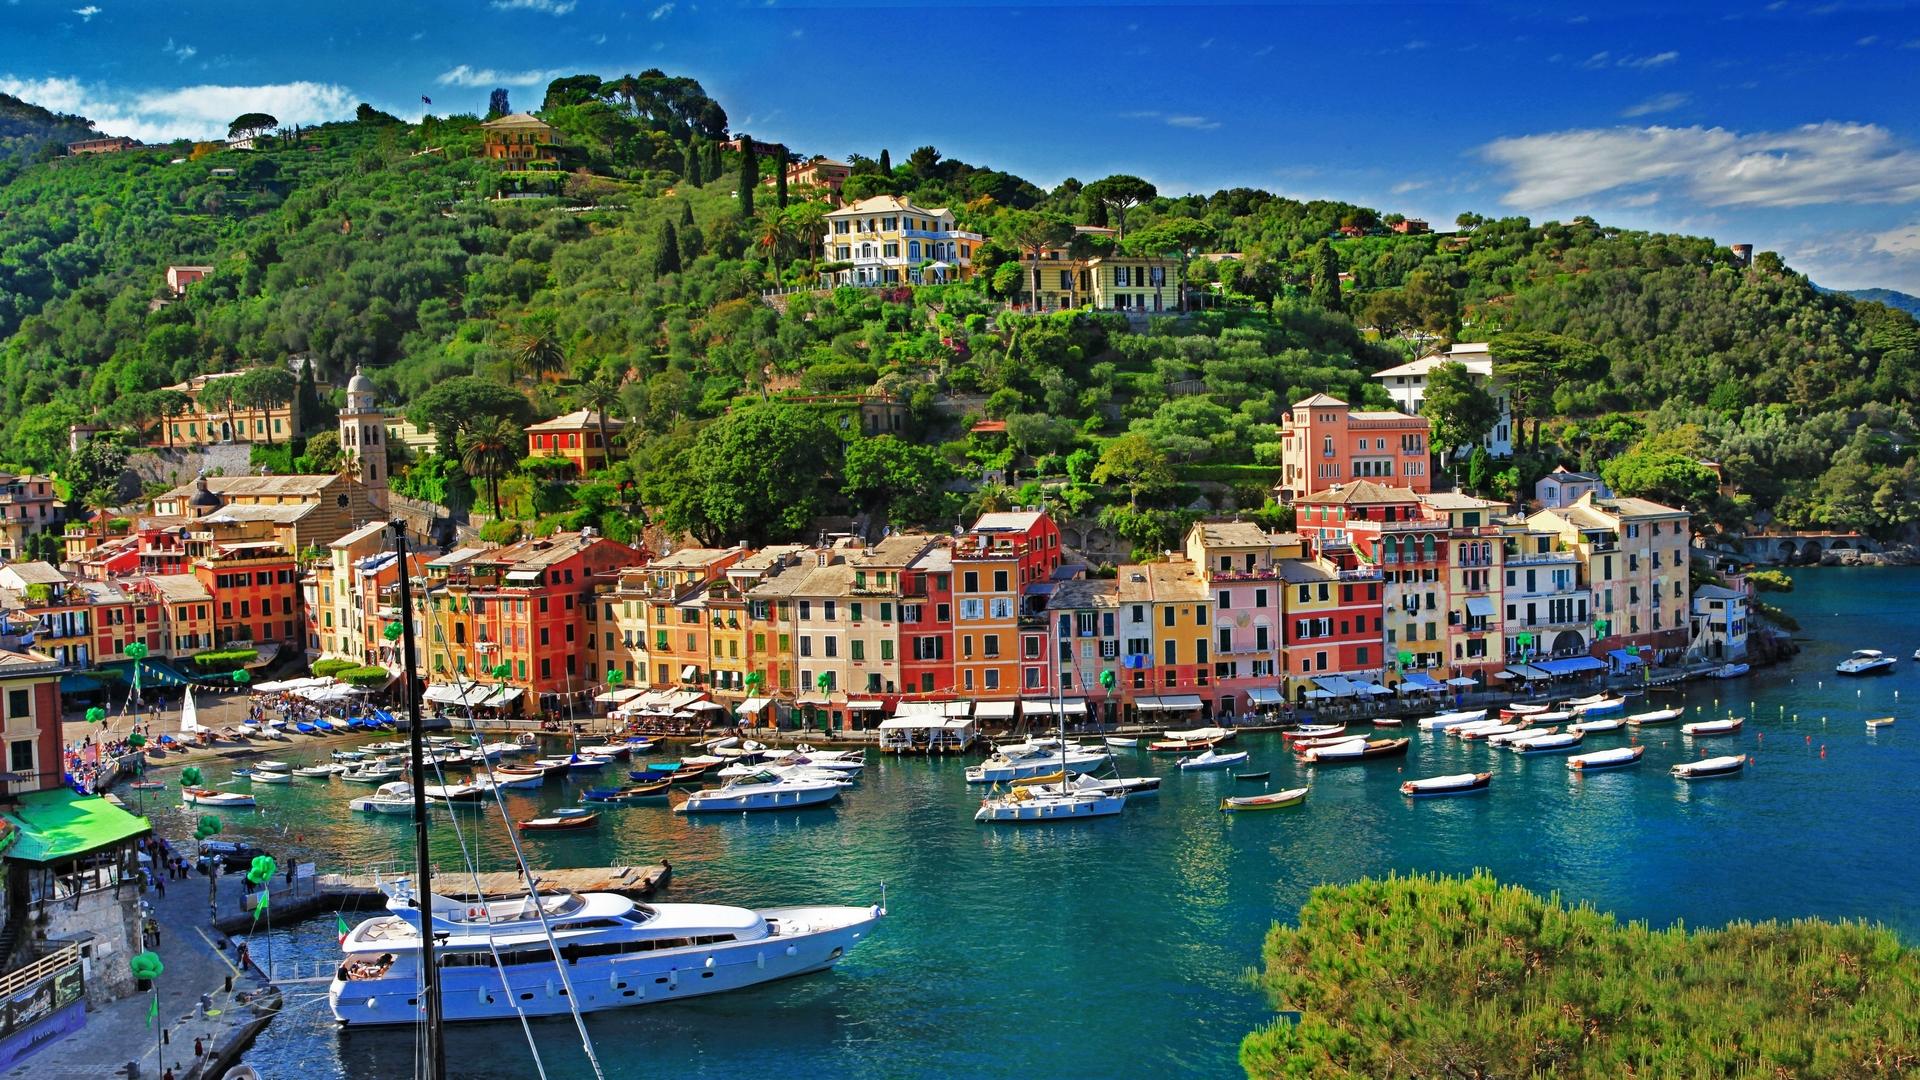 تعرف علي أبرز المعالم السياحية في فينيسيا